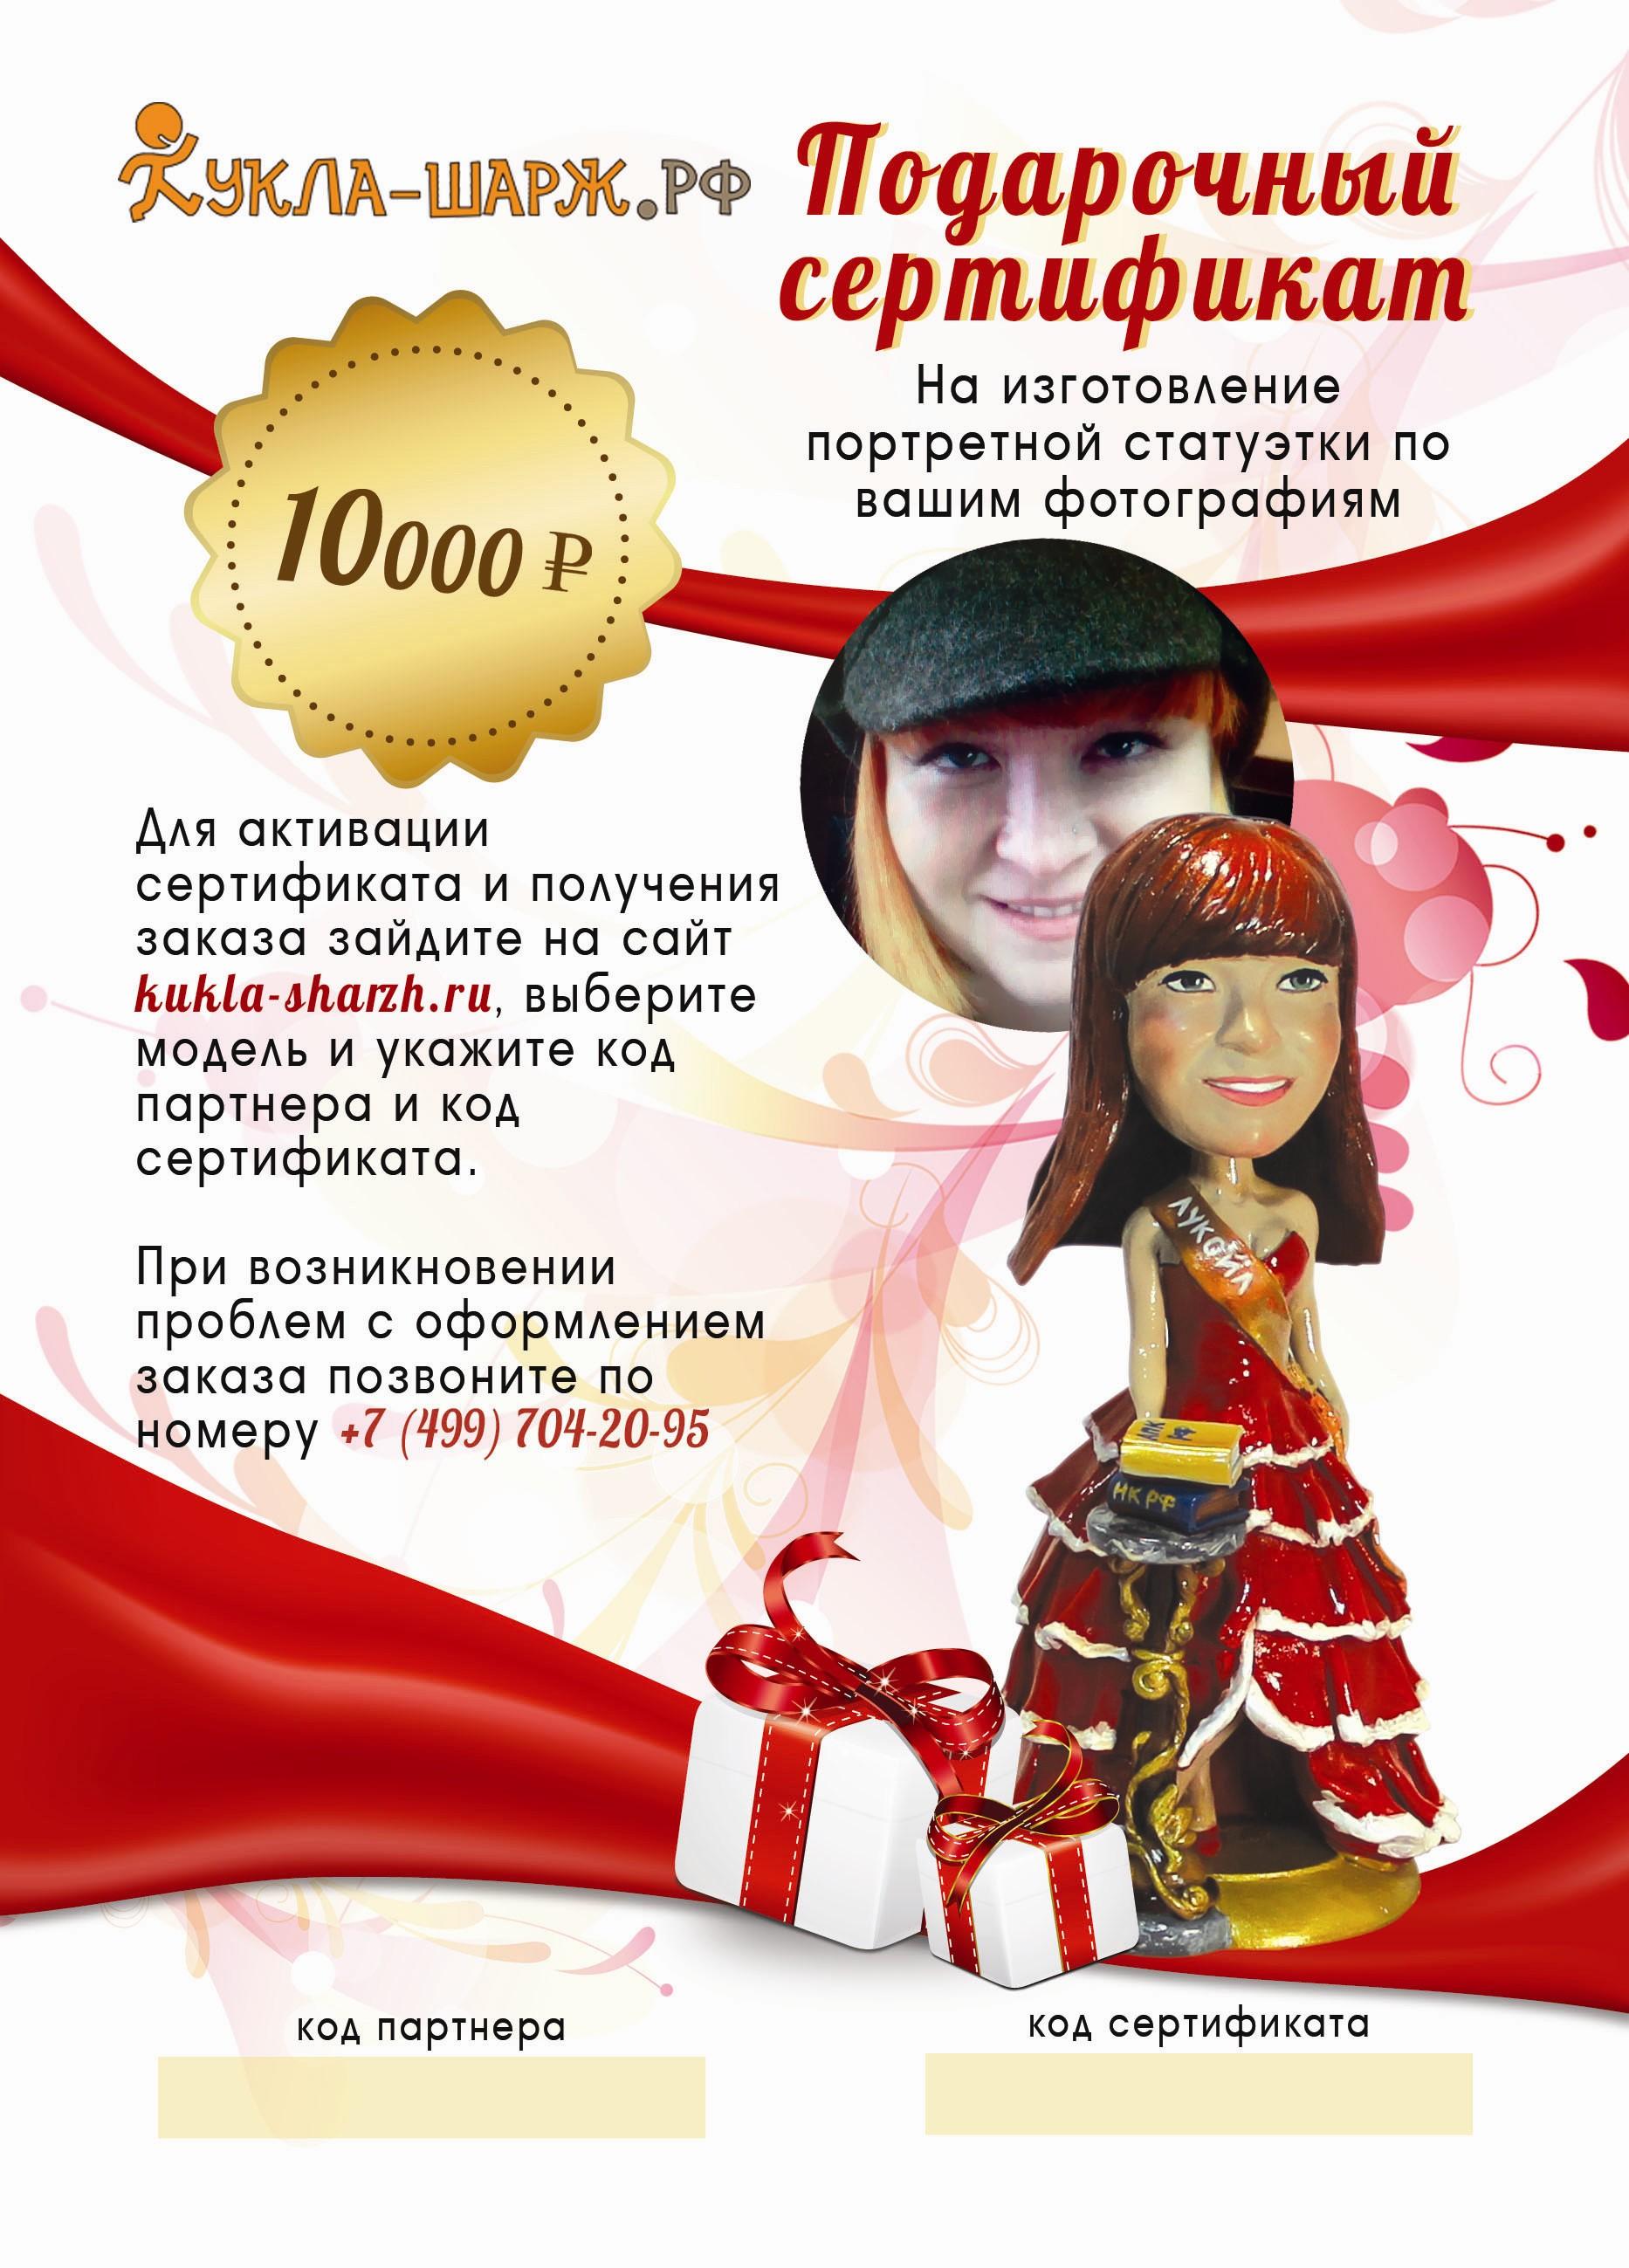 Сертификат на статуэтку по фото девушки